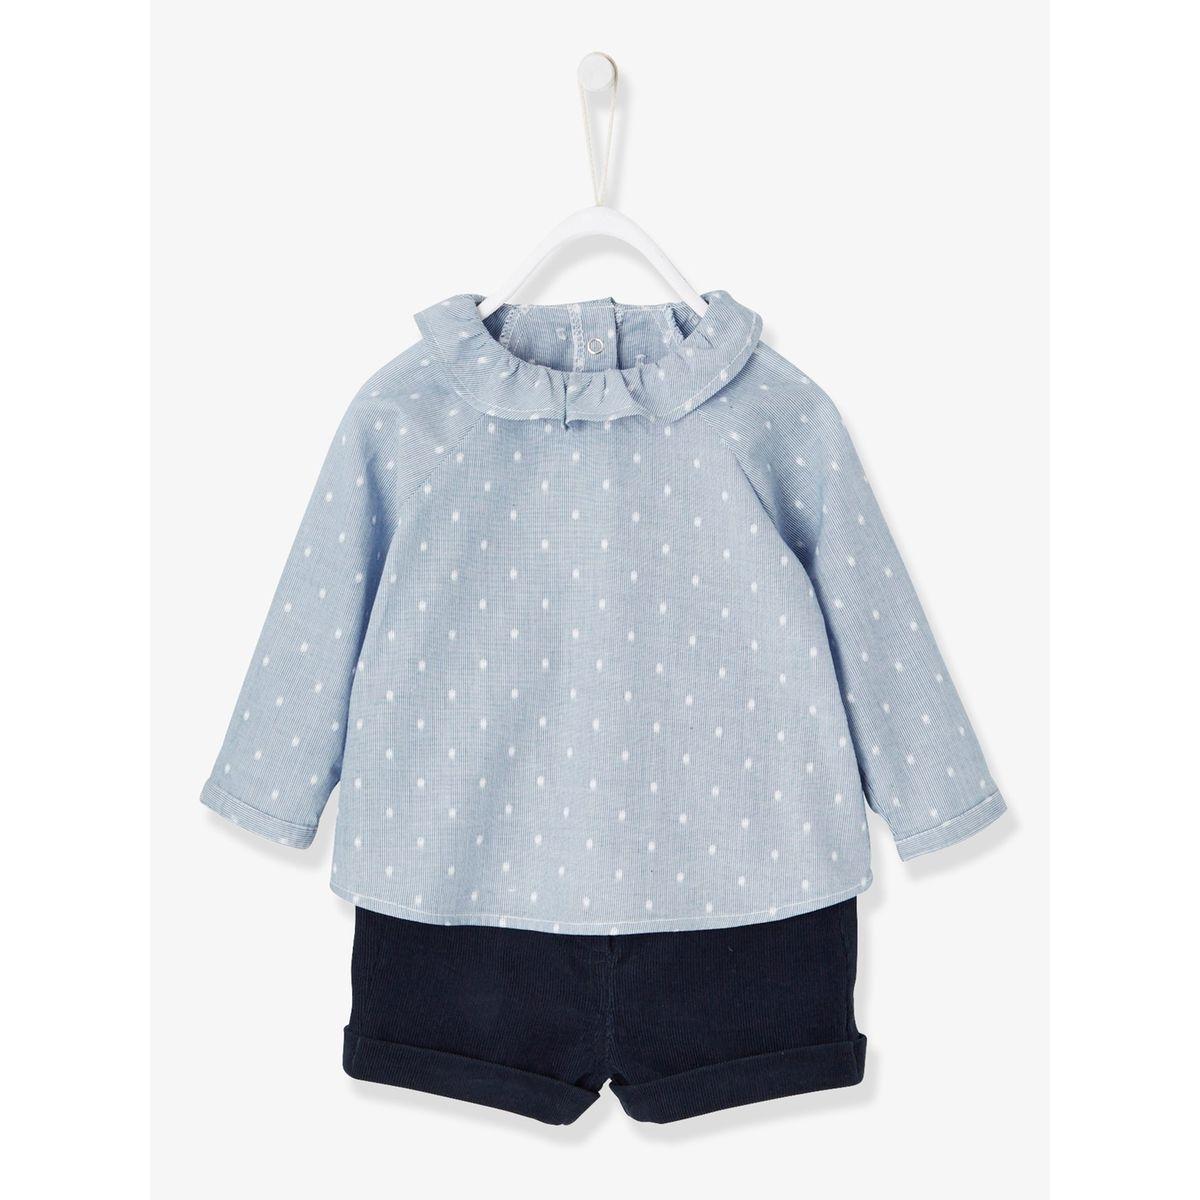 19. Ensemble blouse rayée et short velours bébé fille 3 mois 362c680b792